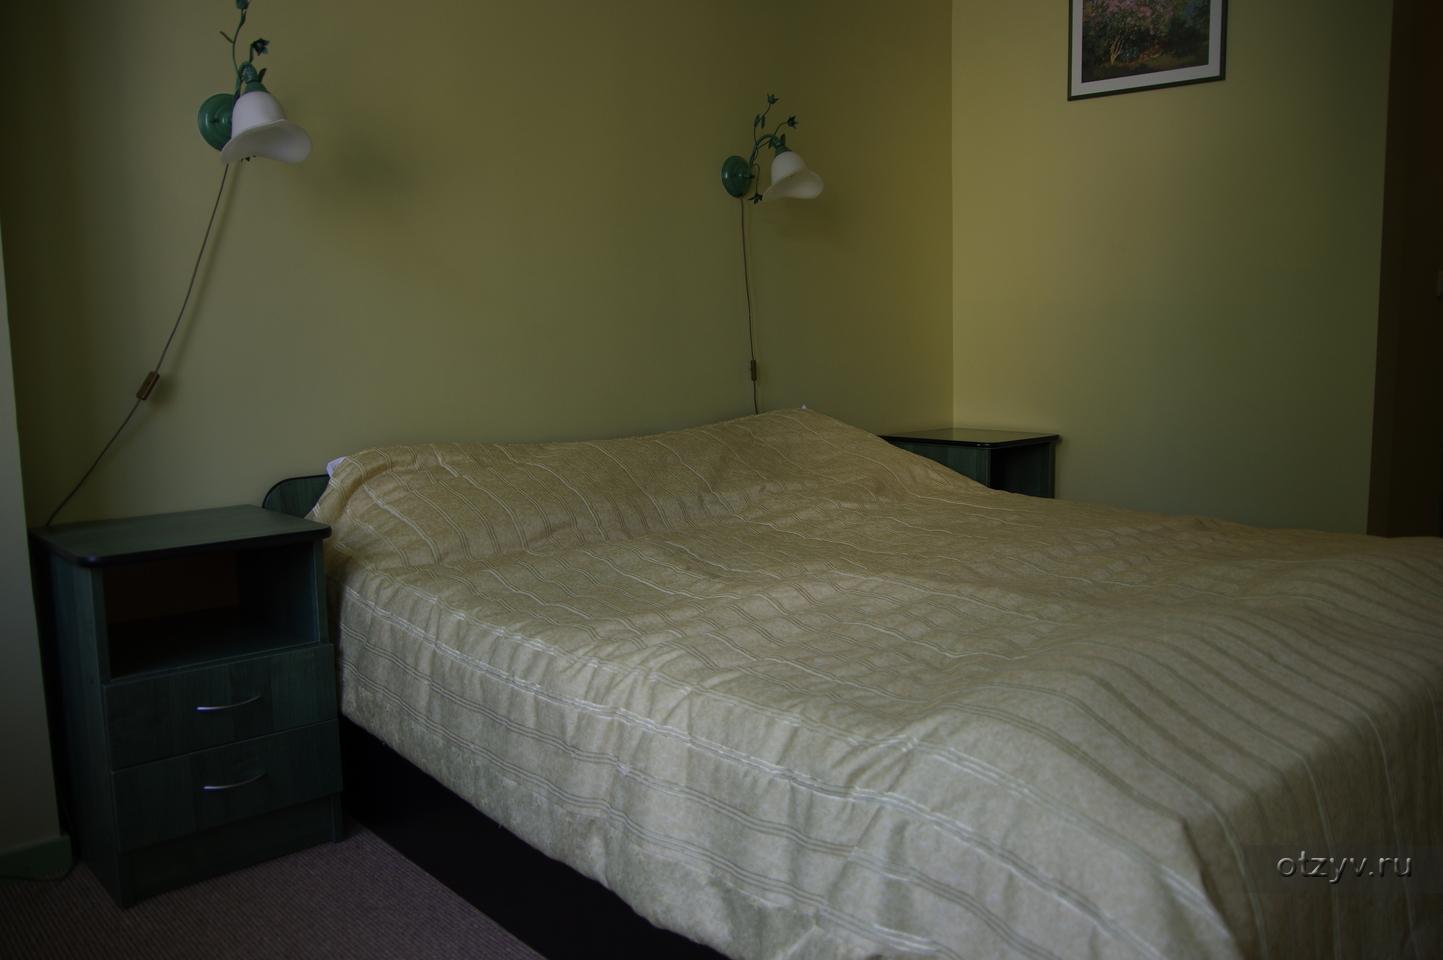 стулья подушки кровать телевизор 4 фото 1 слово